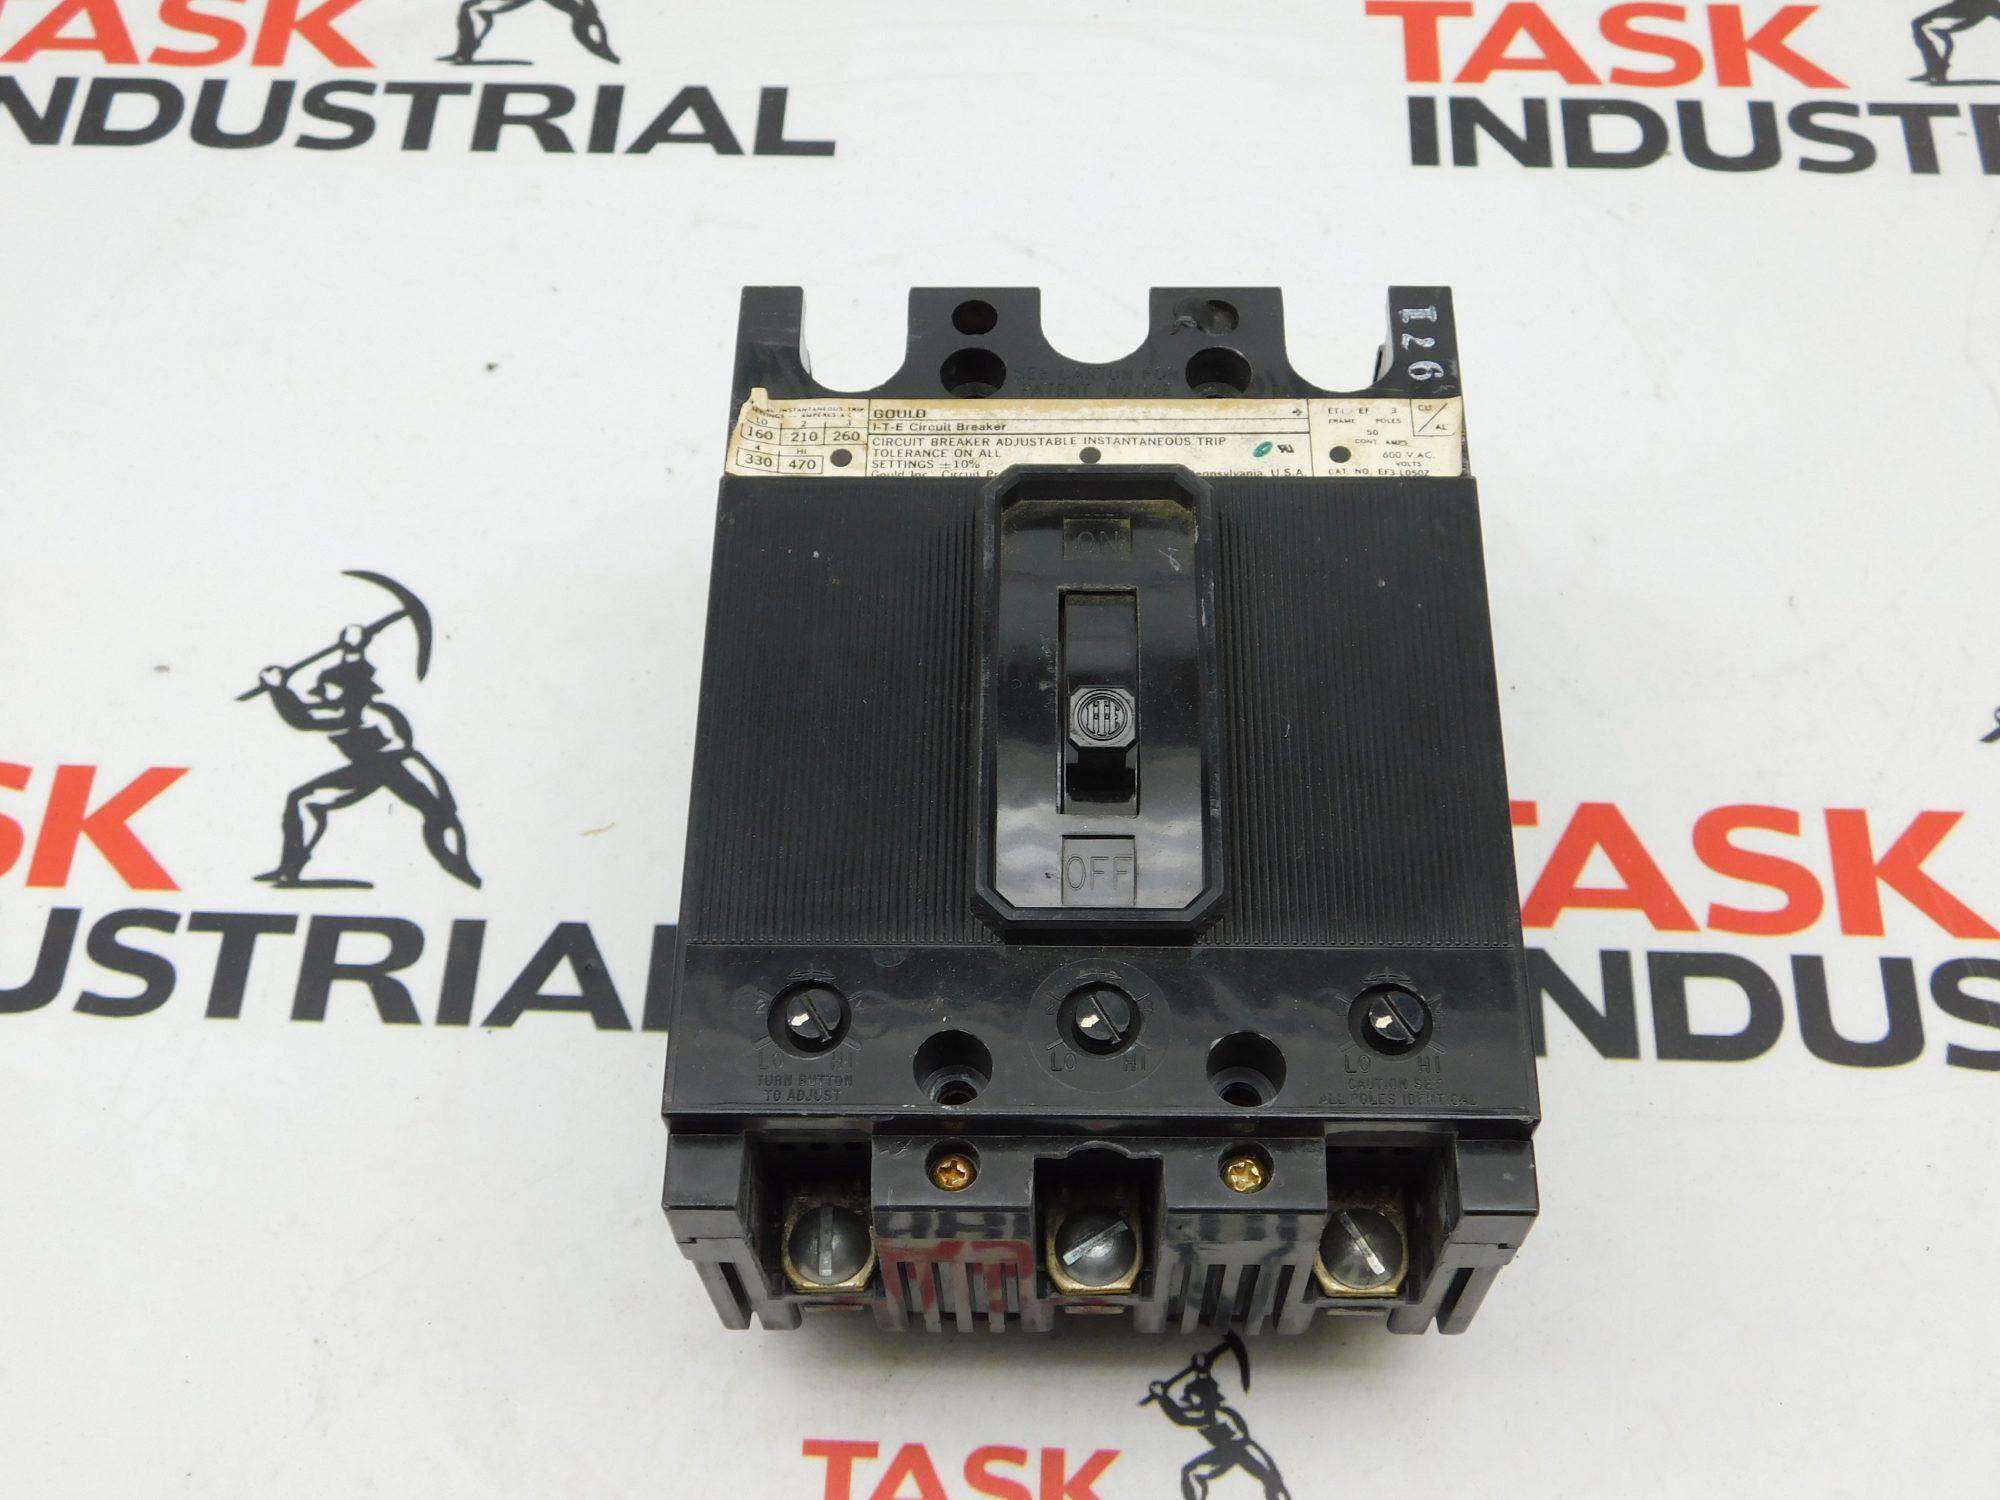 Gould CAT No. EF3-L050Z 600VAC 3 Pole Circuit Breaker